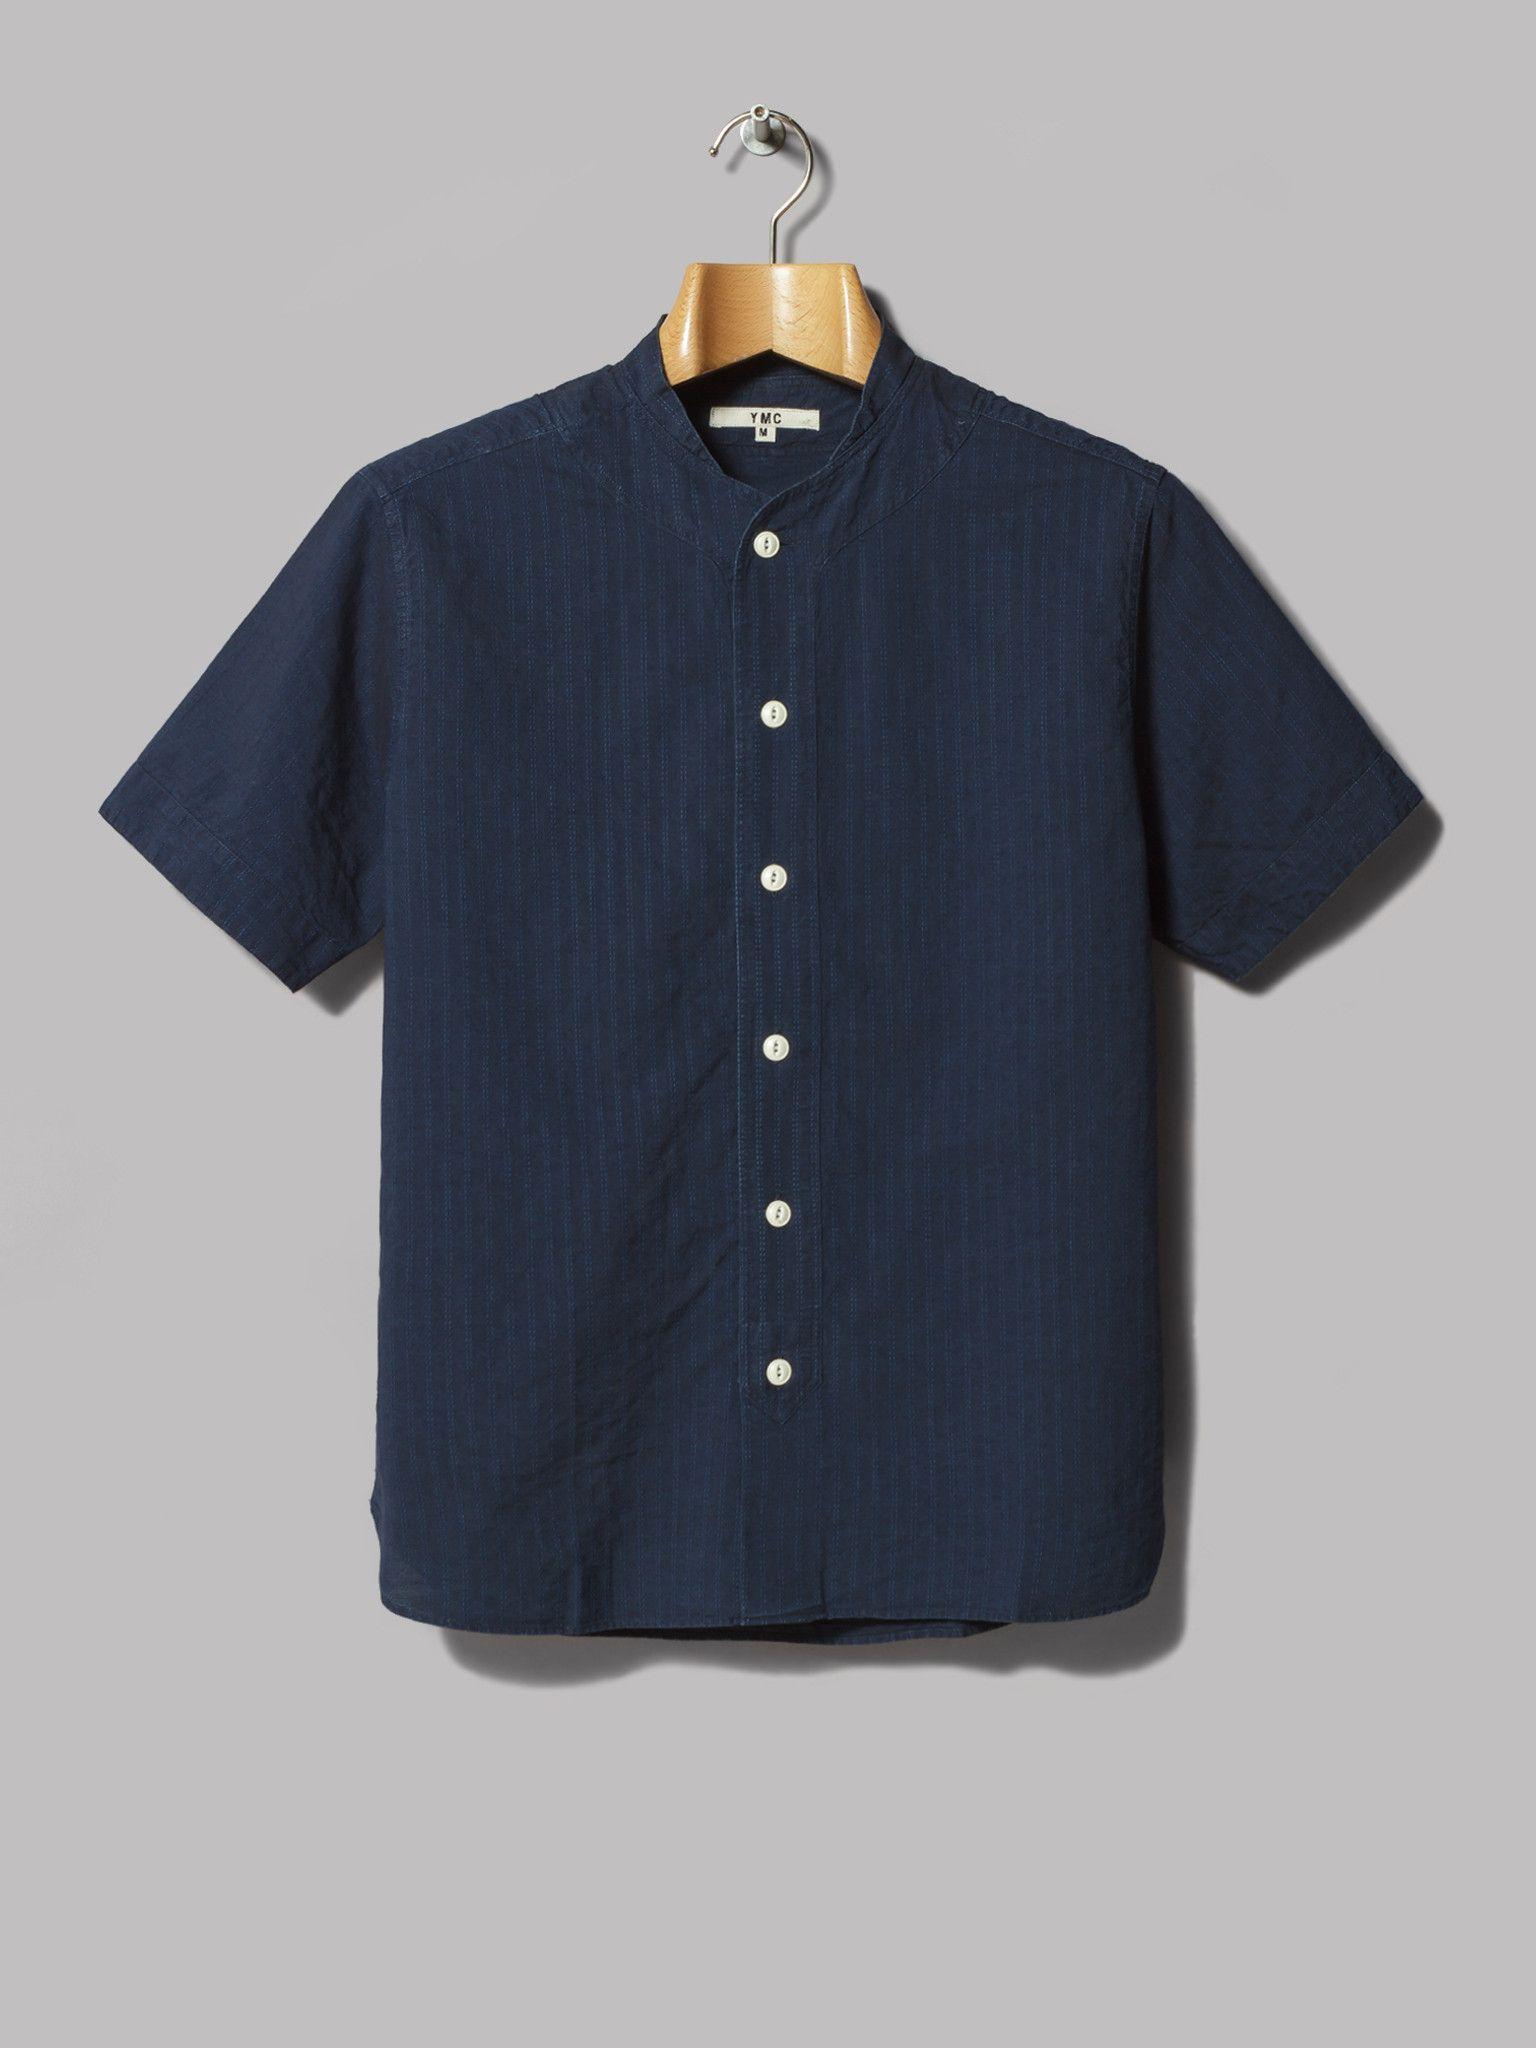 Y.M.C. Stitch Stripe Baseball Shirt (Indigo)